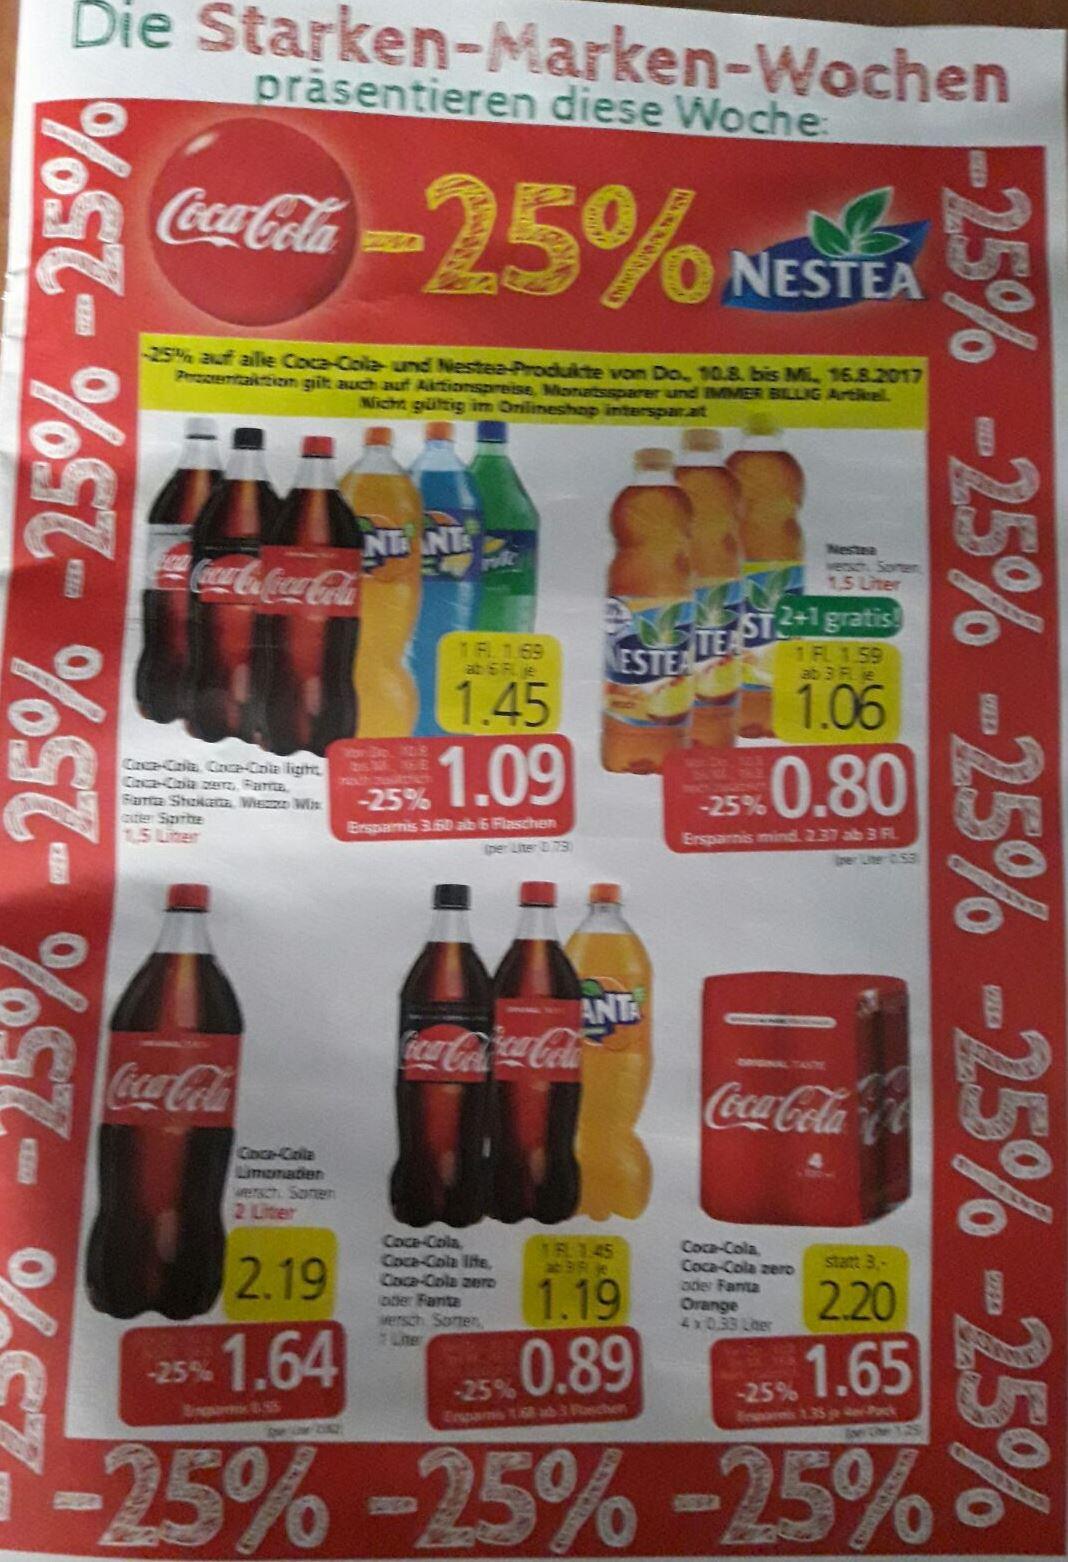 Die Starken-Marken-Wochen bei SPAR | 25% auf Coca Cola und NESTEA inklusive Aktionsartikel